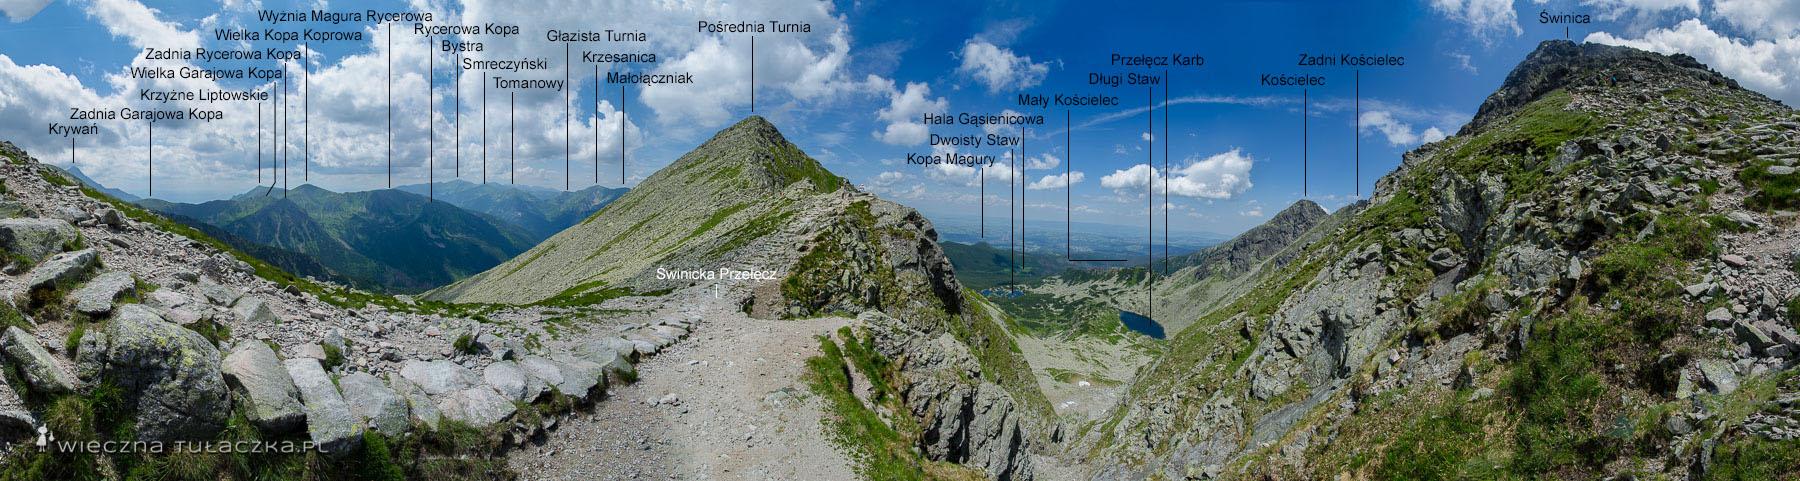 Świnicka Przełęcz, opis szlaku